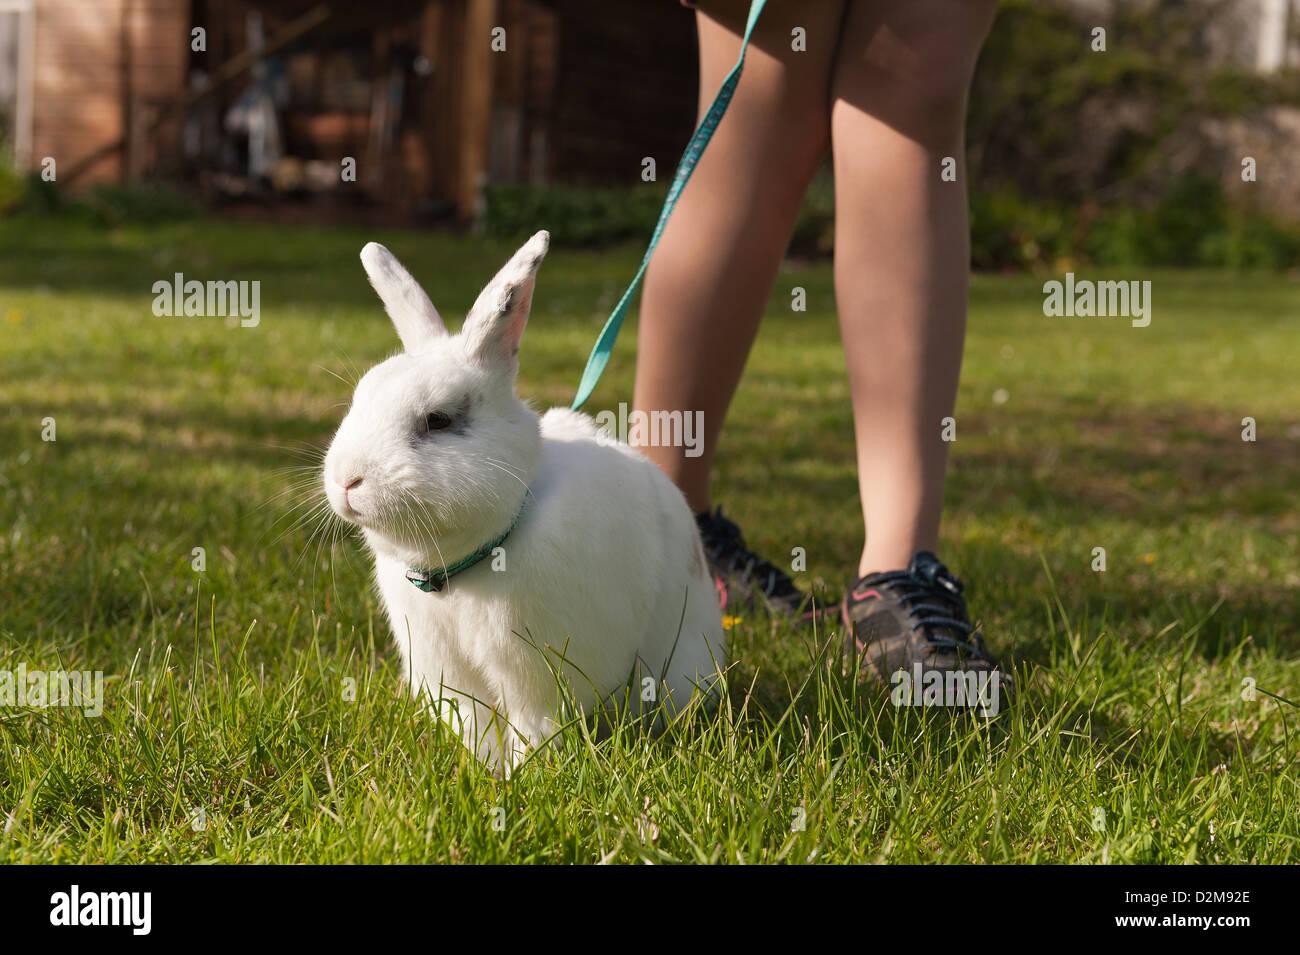 Adolescente garota uma curta um Inglês butterfly coelho branco em uma derivação em um relvado com Imagens de Stock